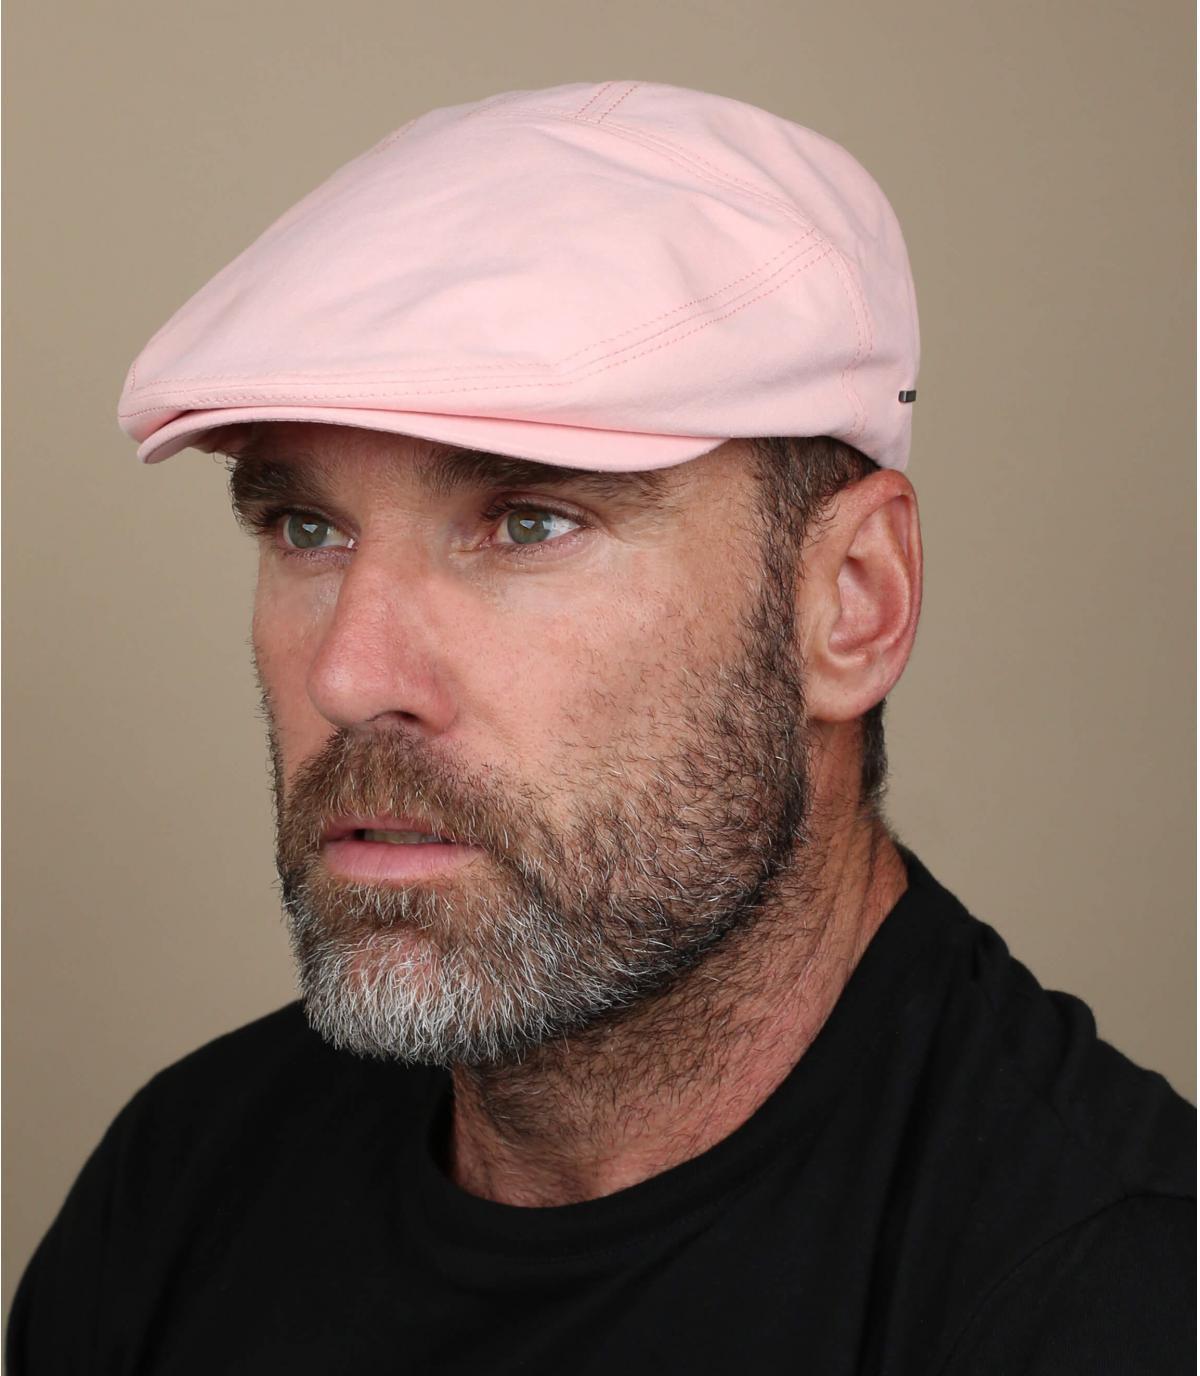 berretto di cotone rosa